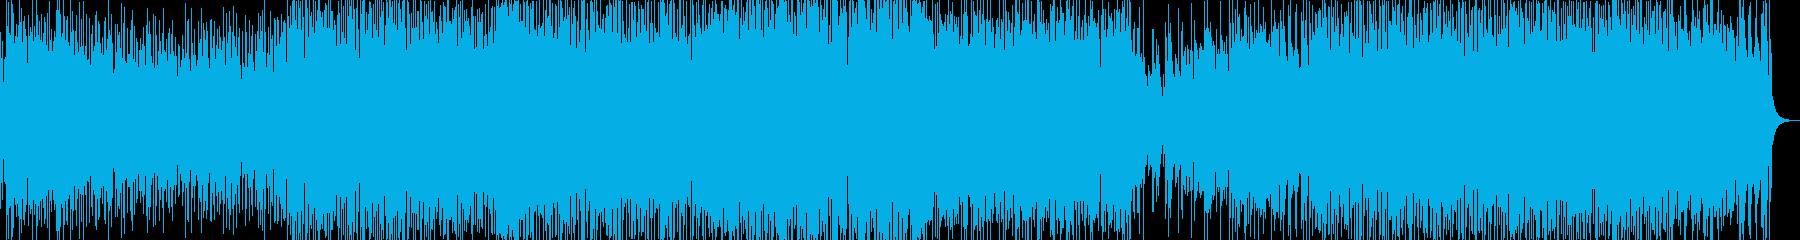 フルートといっぱいの打楽器・サンバ調の再生済みの波形